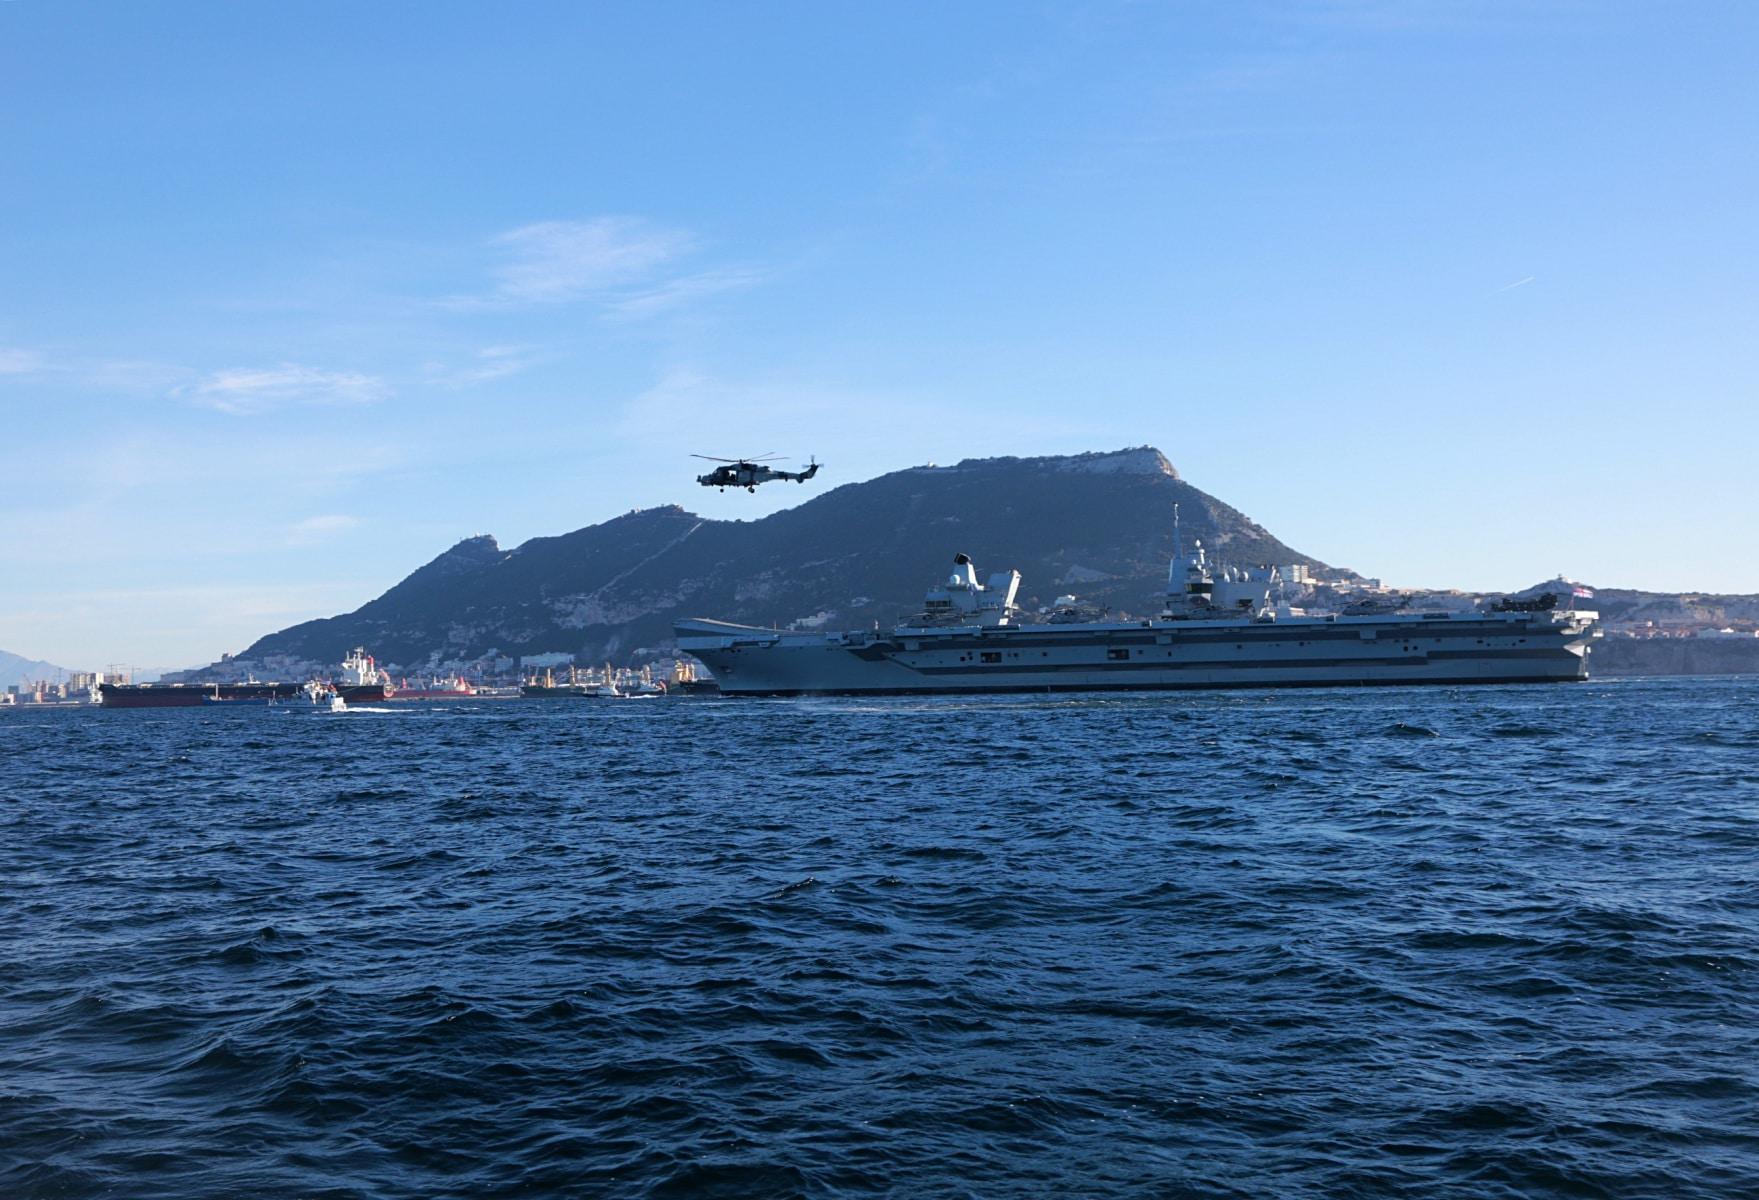 portaaviones-hms-queen-elizabeth-llegando-a-gibraltar-imagen-tomada-desde-uno-de-los-buques-de-apoyo-via-royal-navy-26_28386233849_o